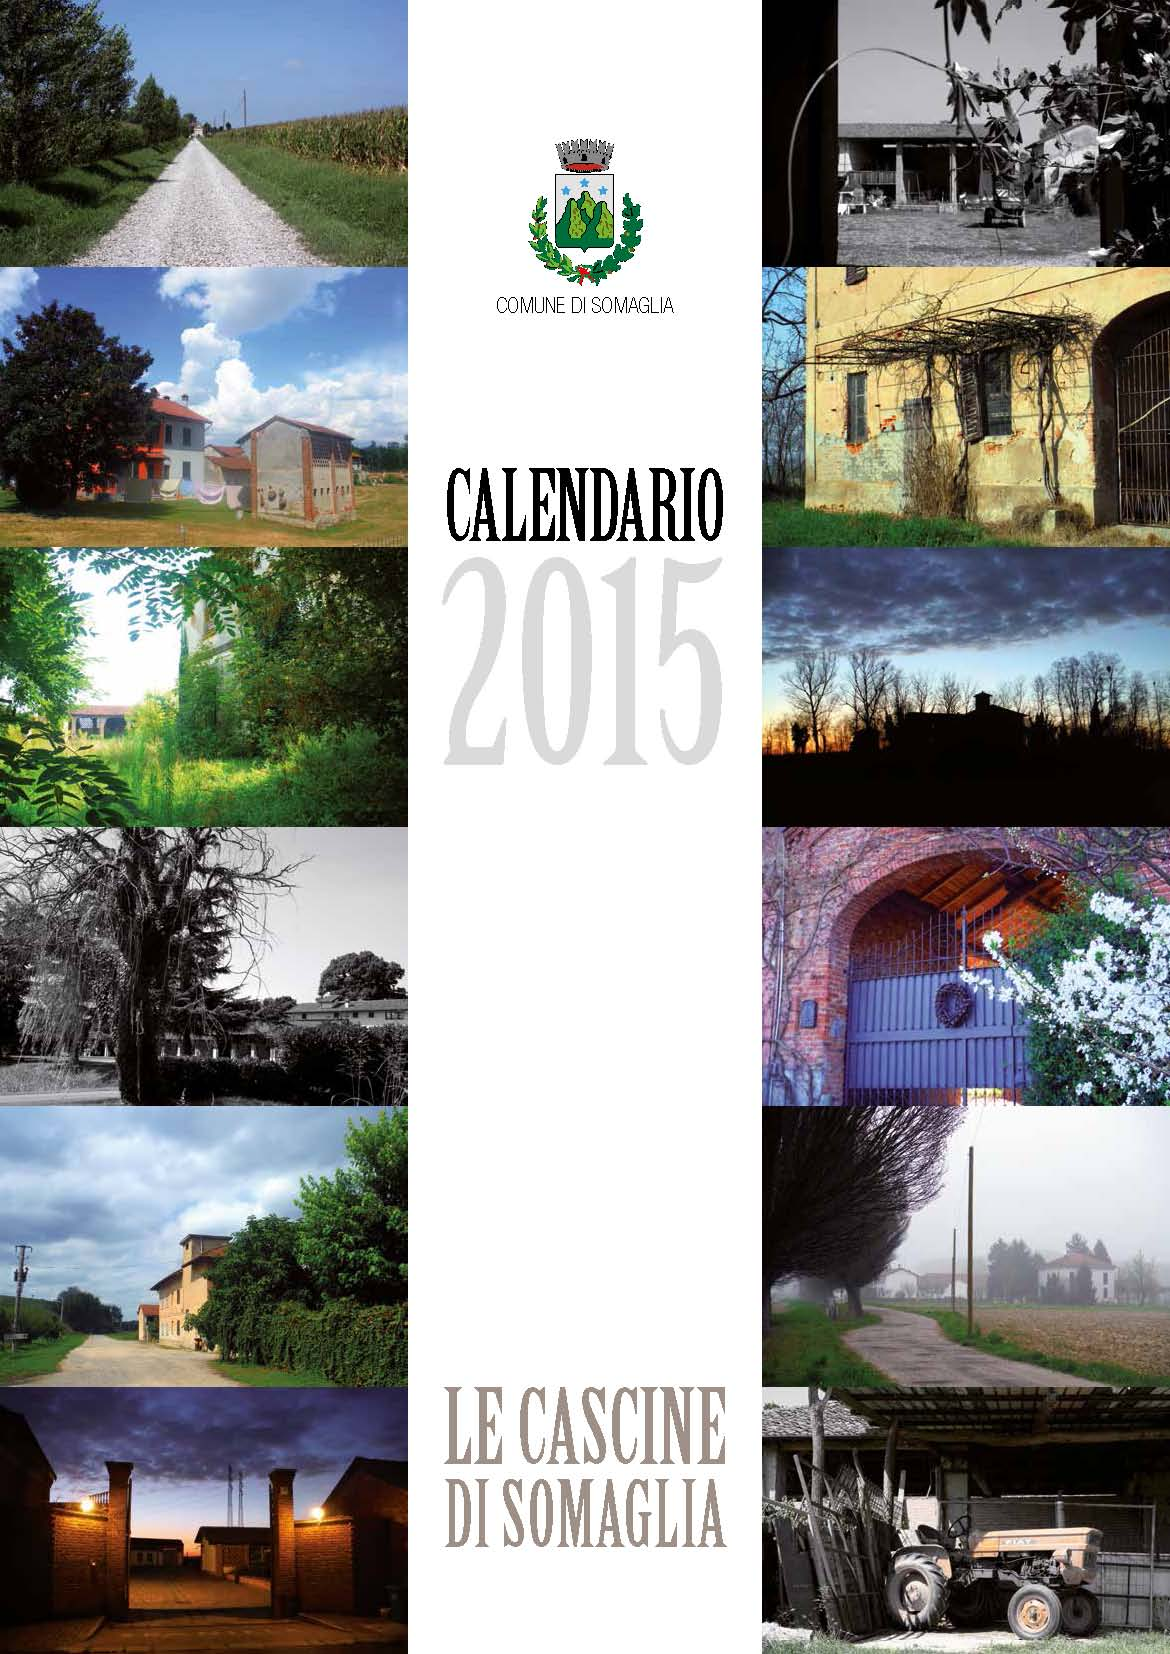 copertina ecocalendario_2015